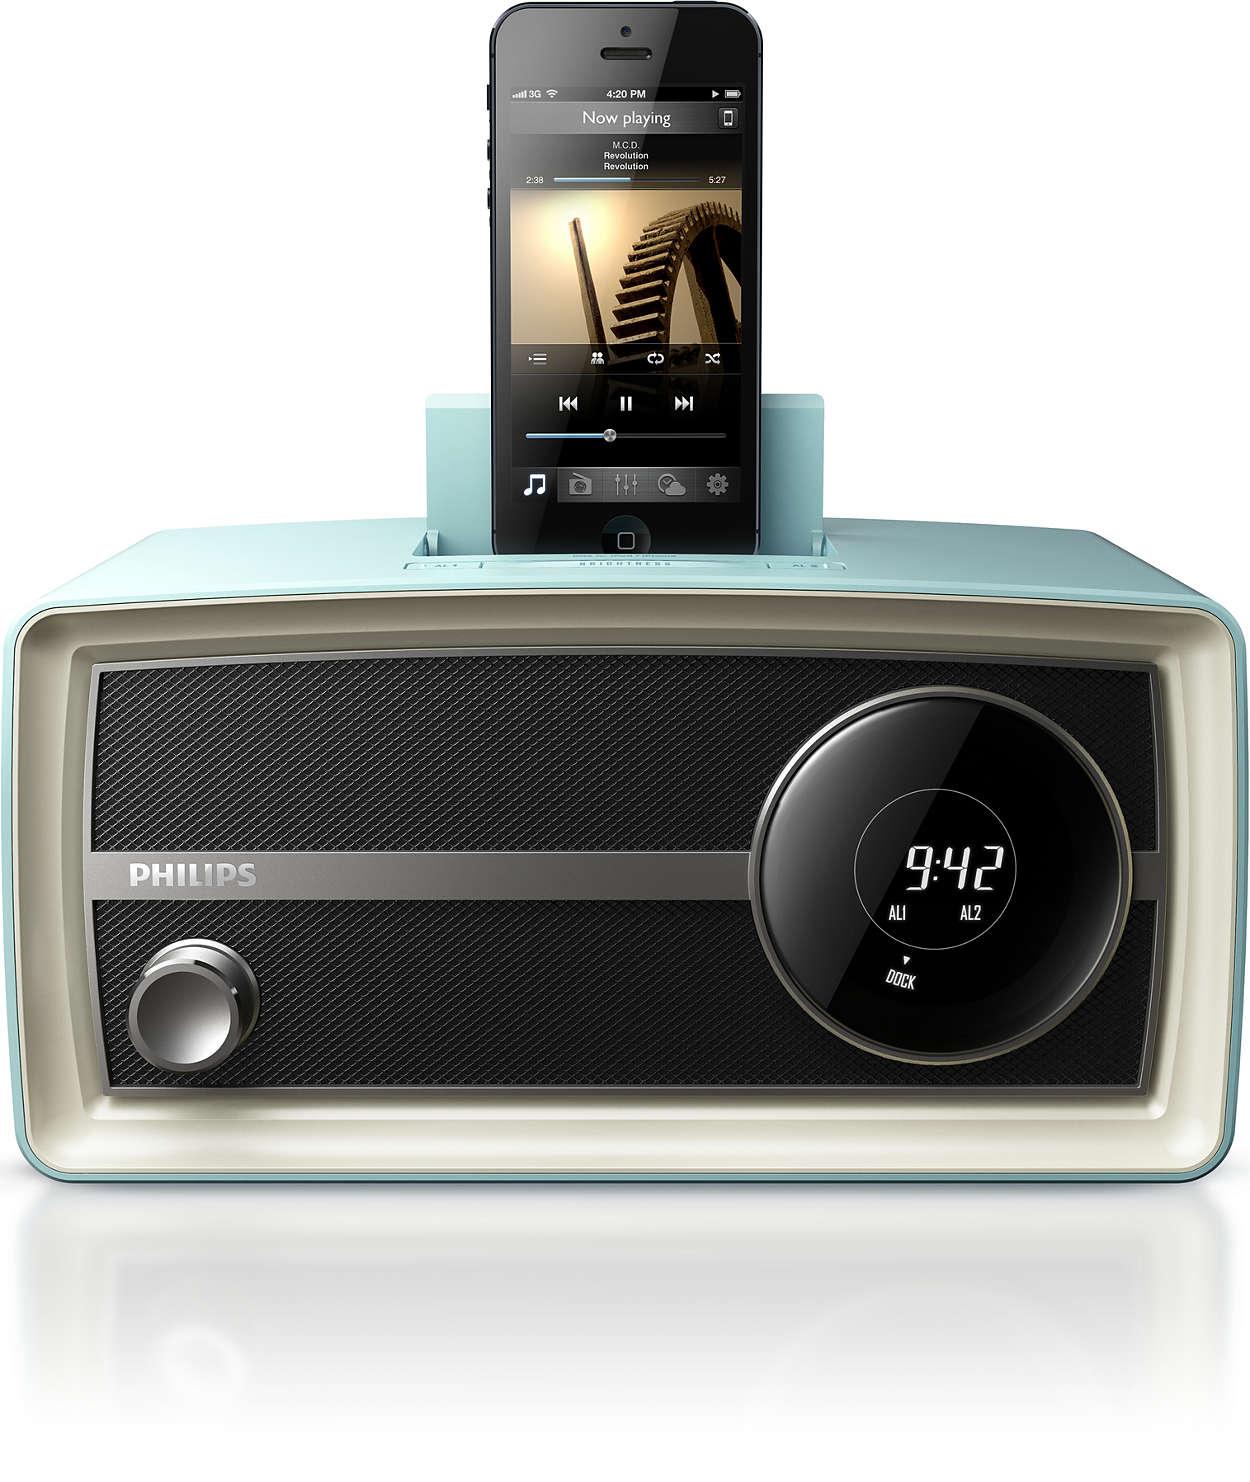 Стильное оригинальное мини-радио